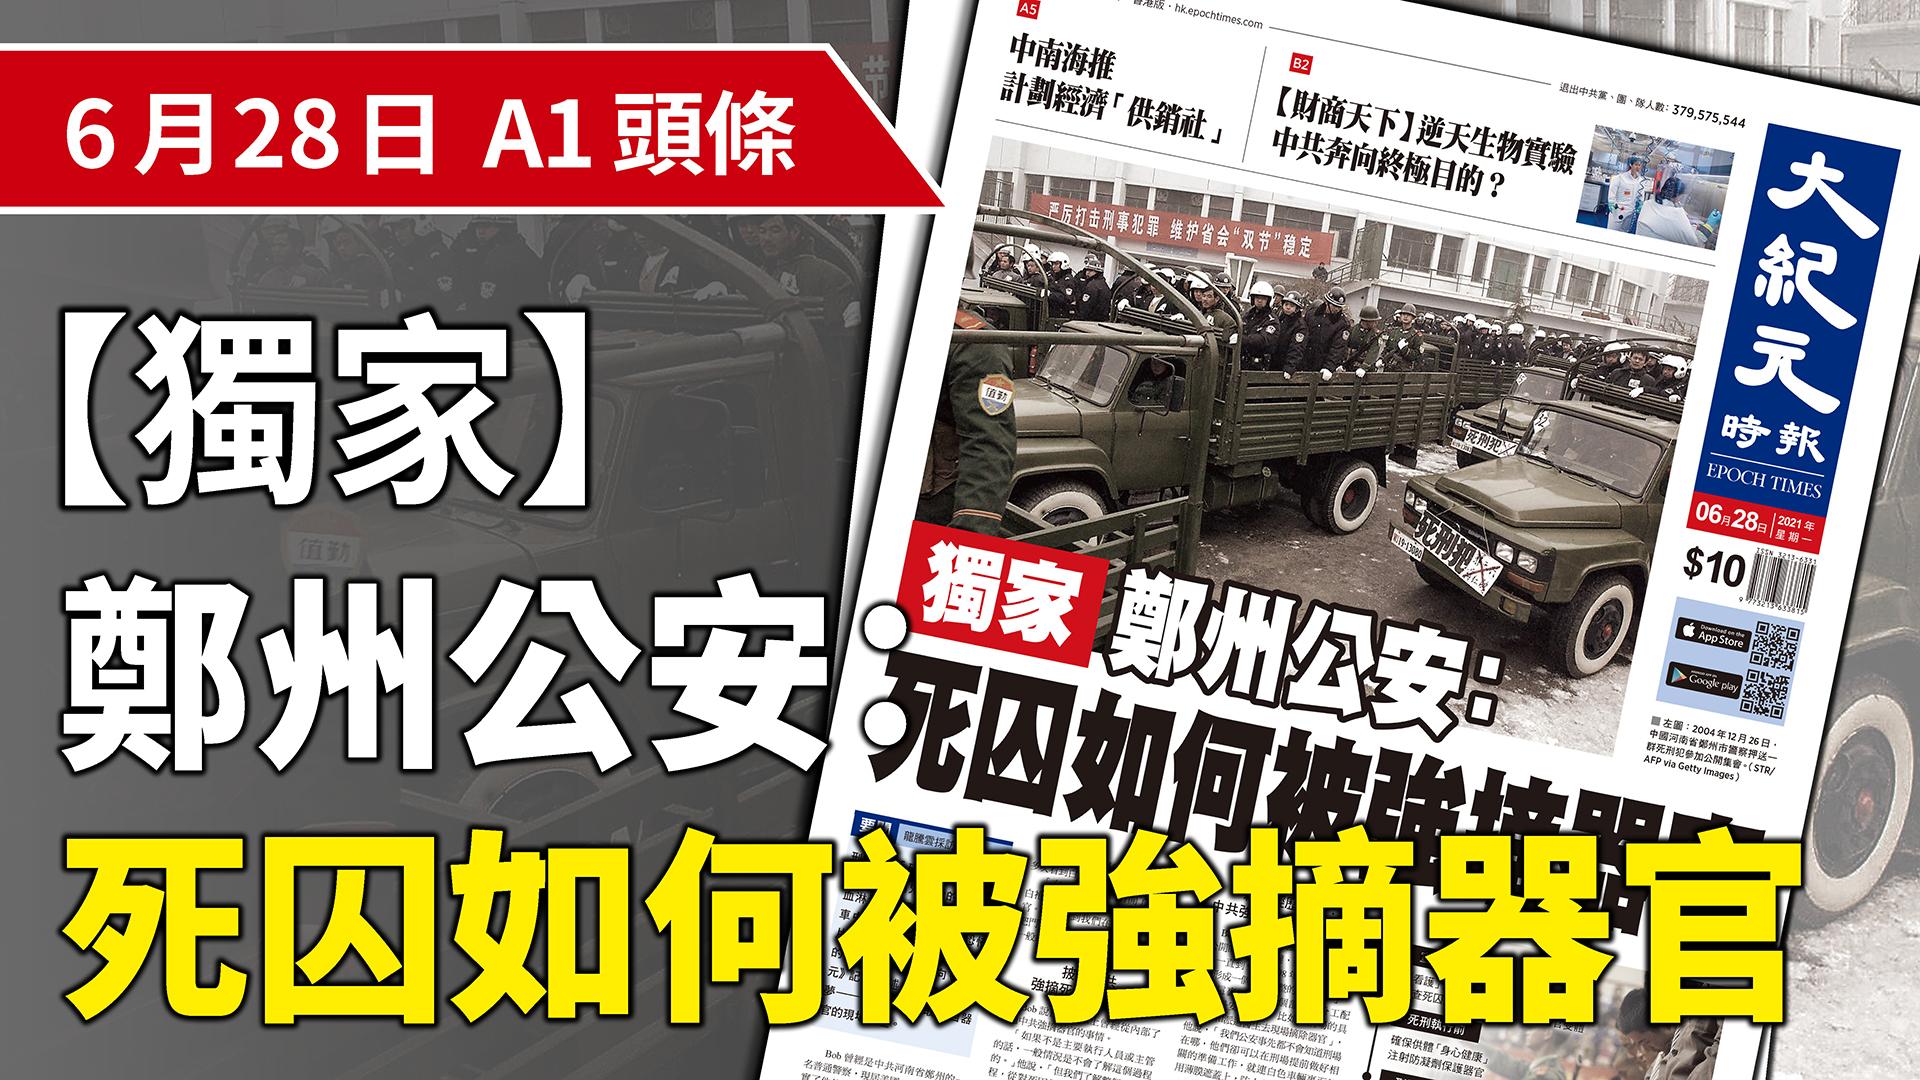 2004年12月26日,中國河南省鄭州市警察押送一群死刑犯參加公開集會。 (STR/AFP via Getty Images)